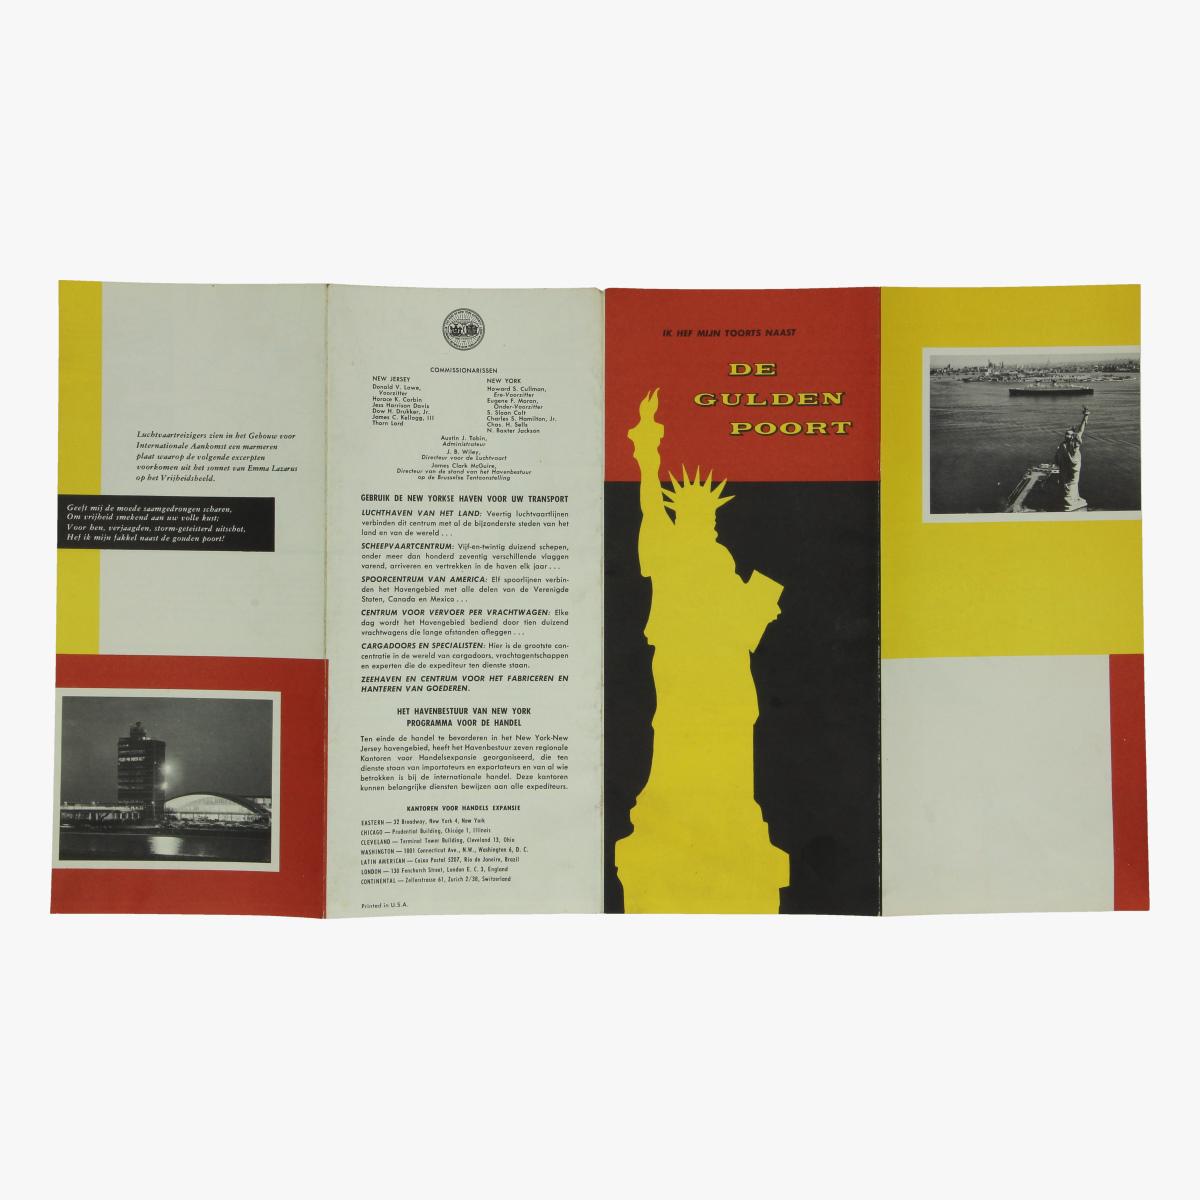 Afbeeldingen van folder new-york luchthaven - scheepvaartcentrum - spoorcentrum - centrum voor vervoer per vrachtwagen - zeehaven- de gulden poort -  printed in u.s.a.